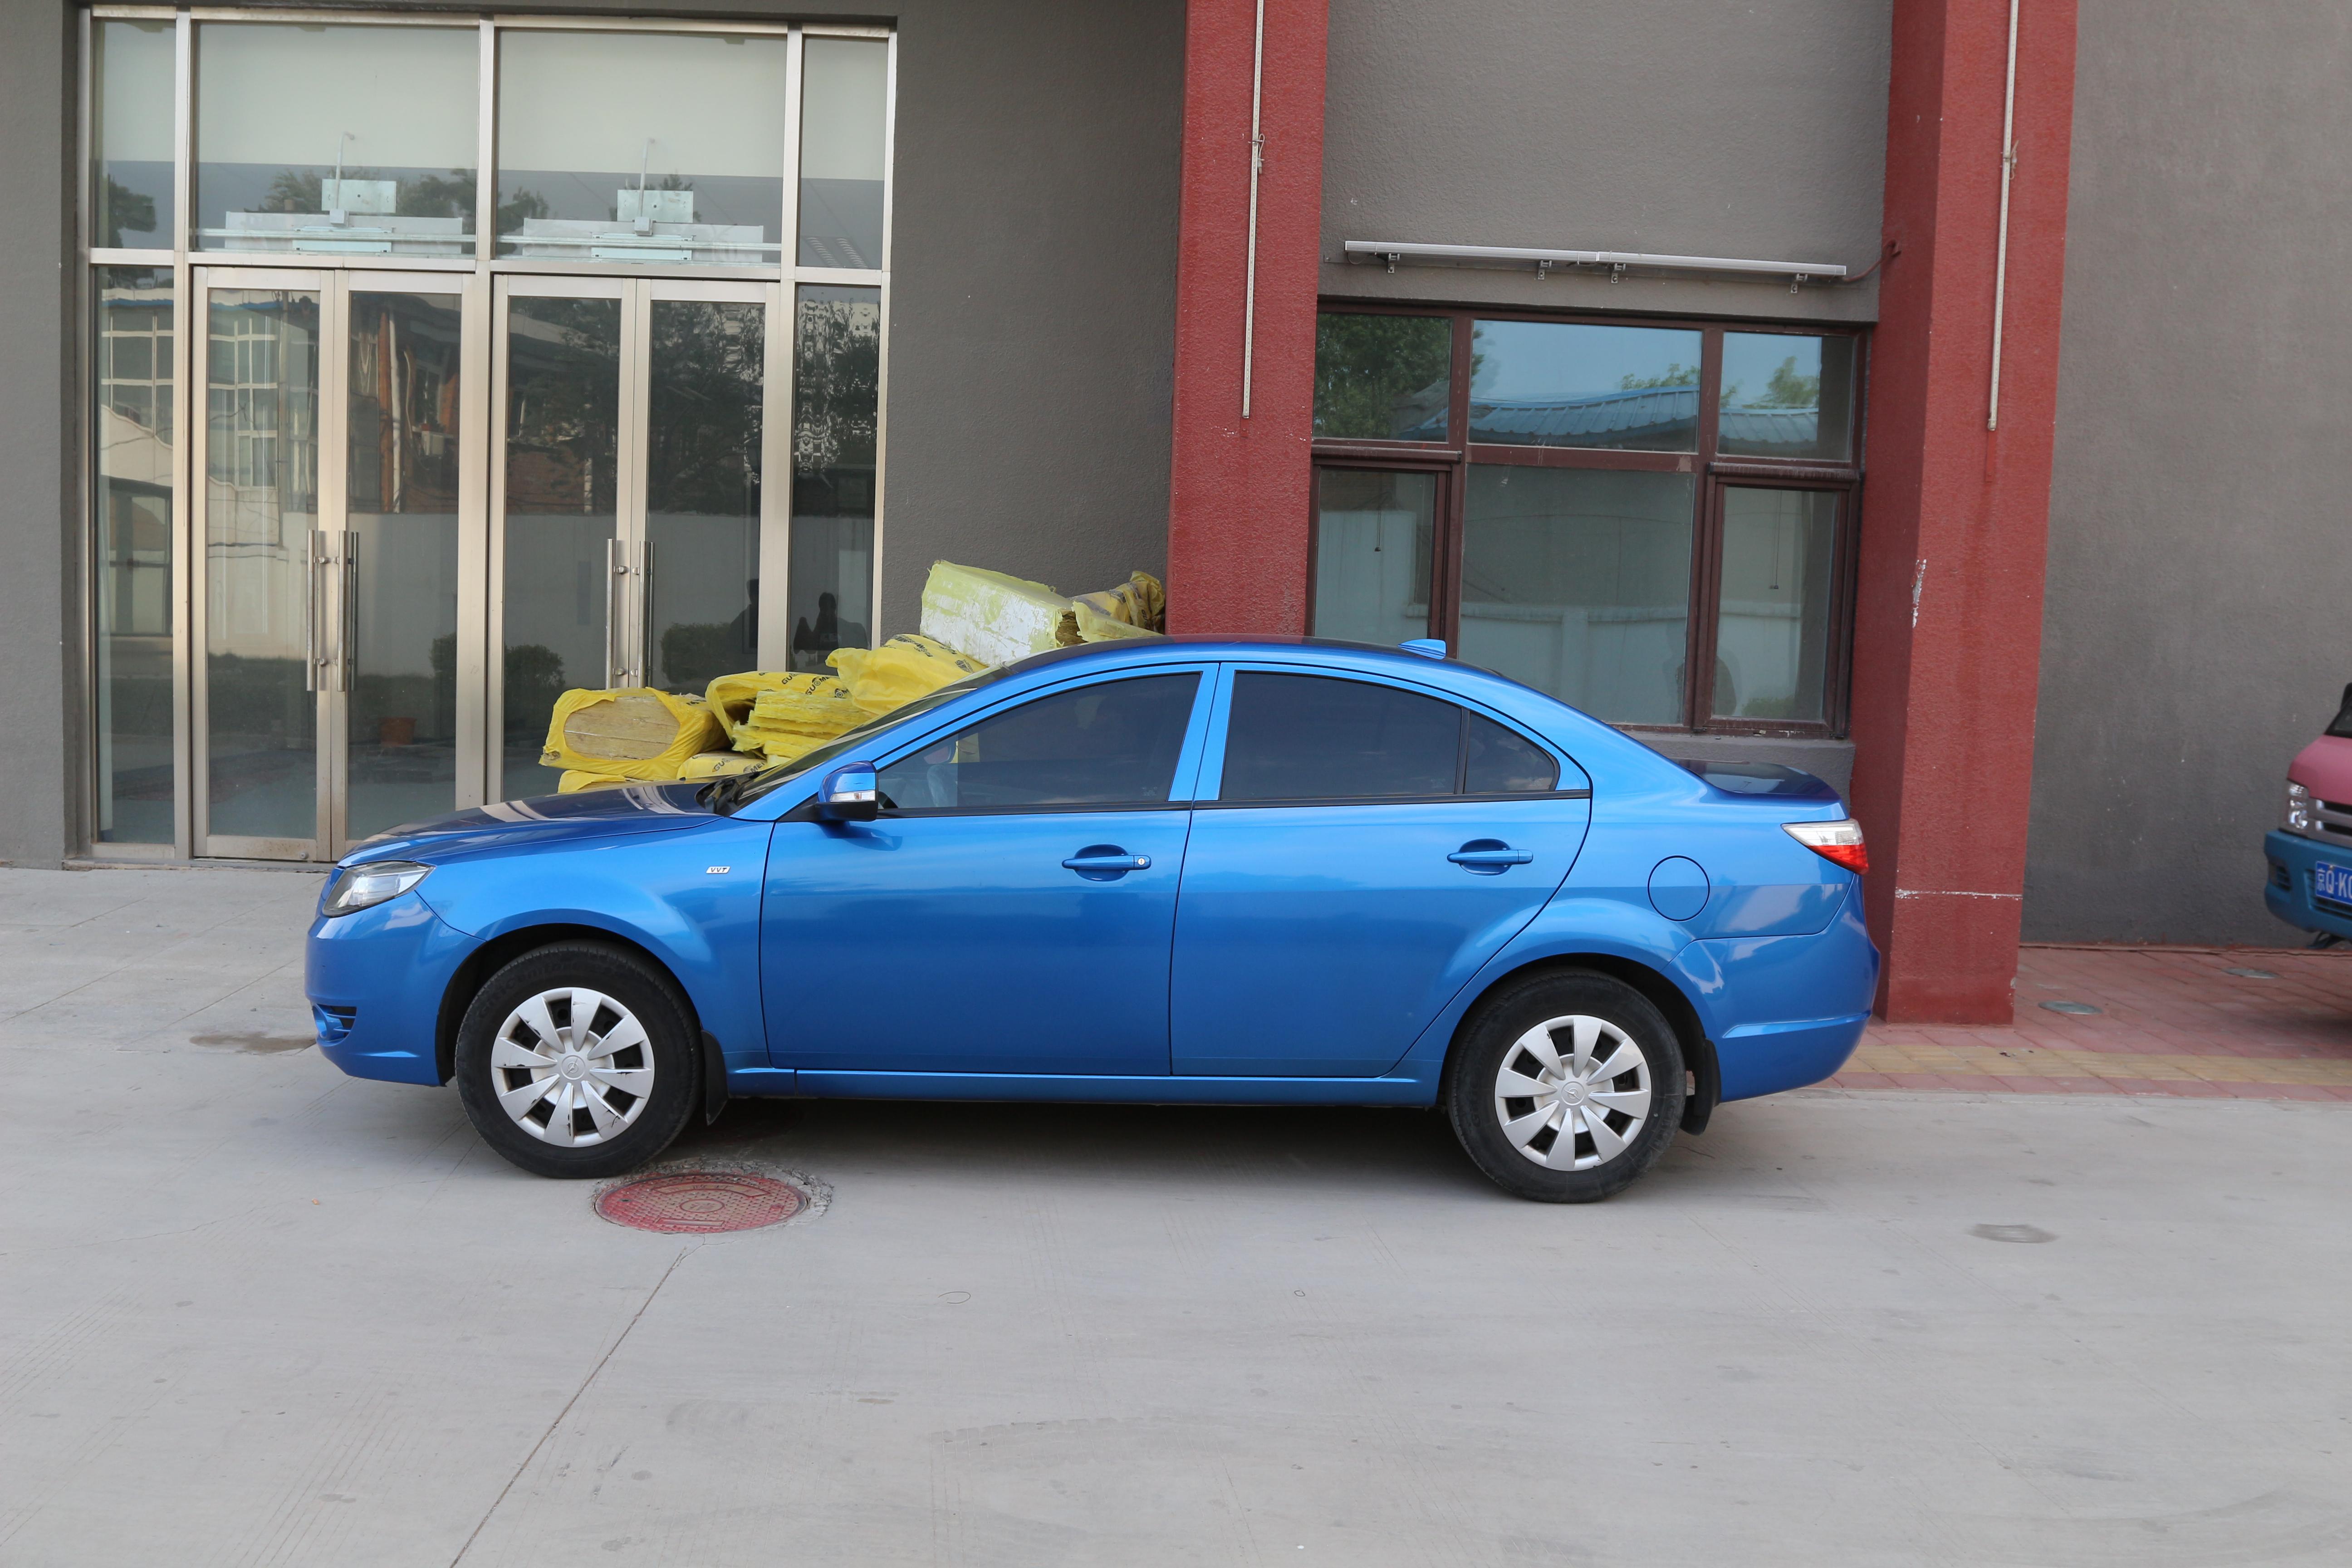 达州二手海马汽车-福美来 2010款 1.6l 手动舒适版_及